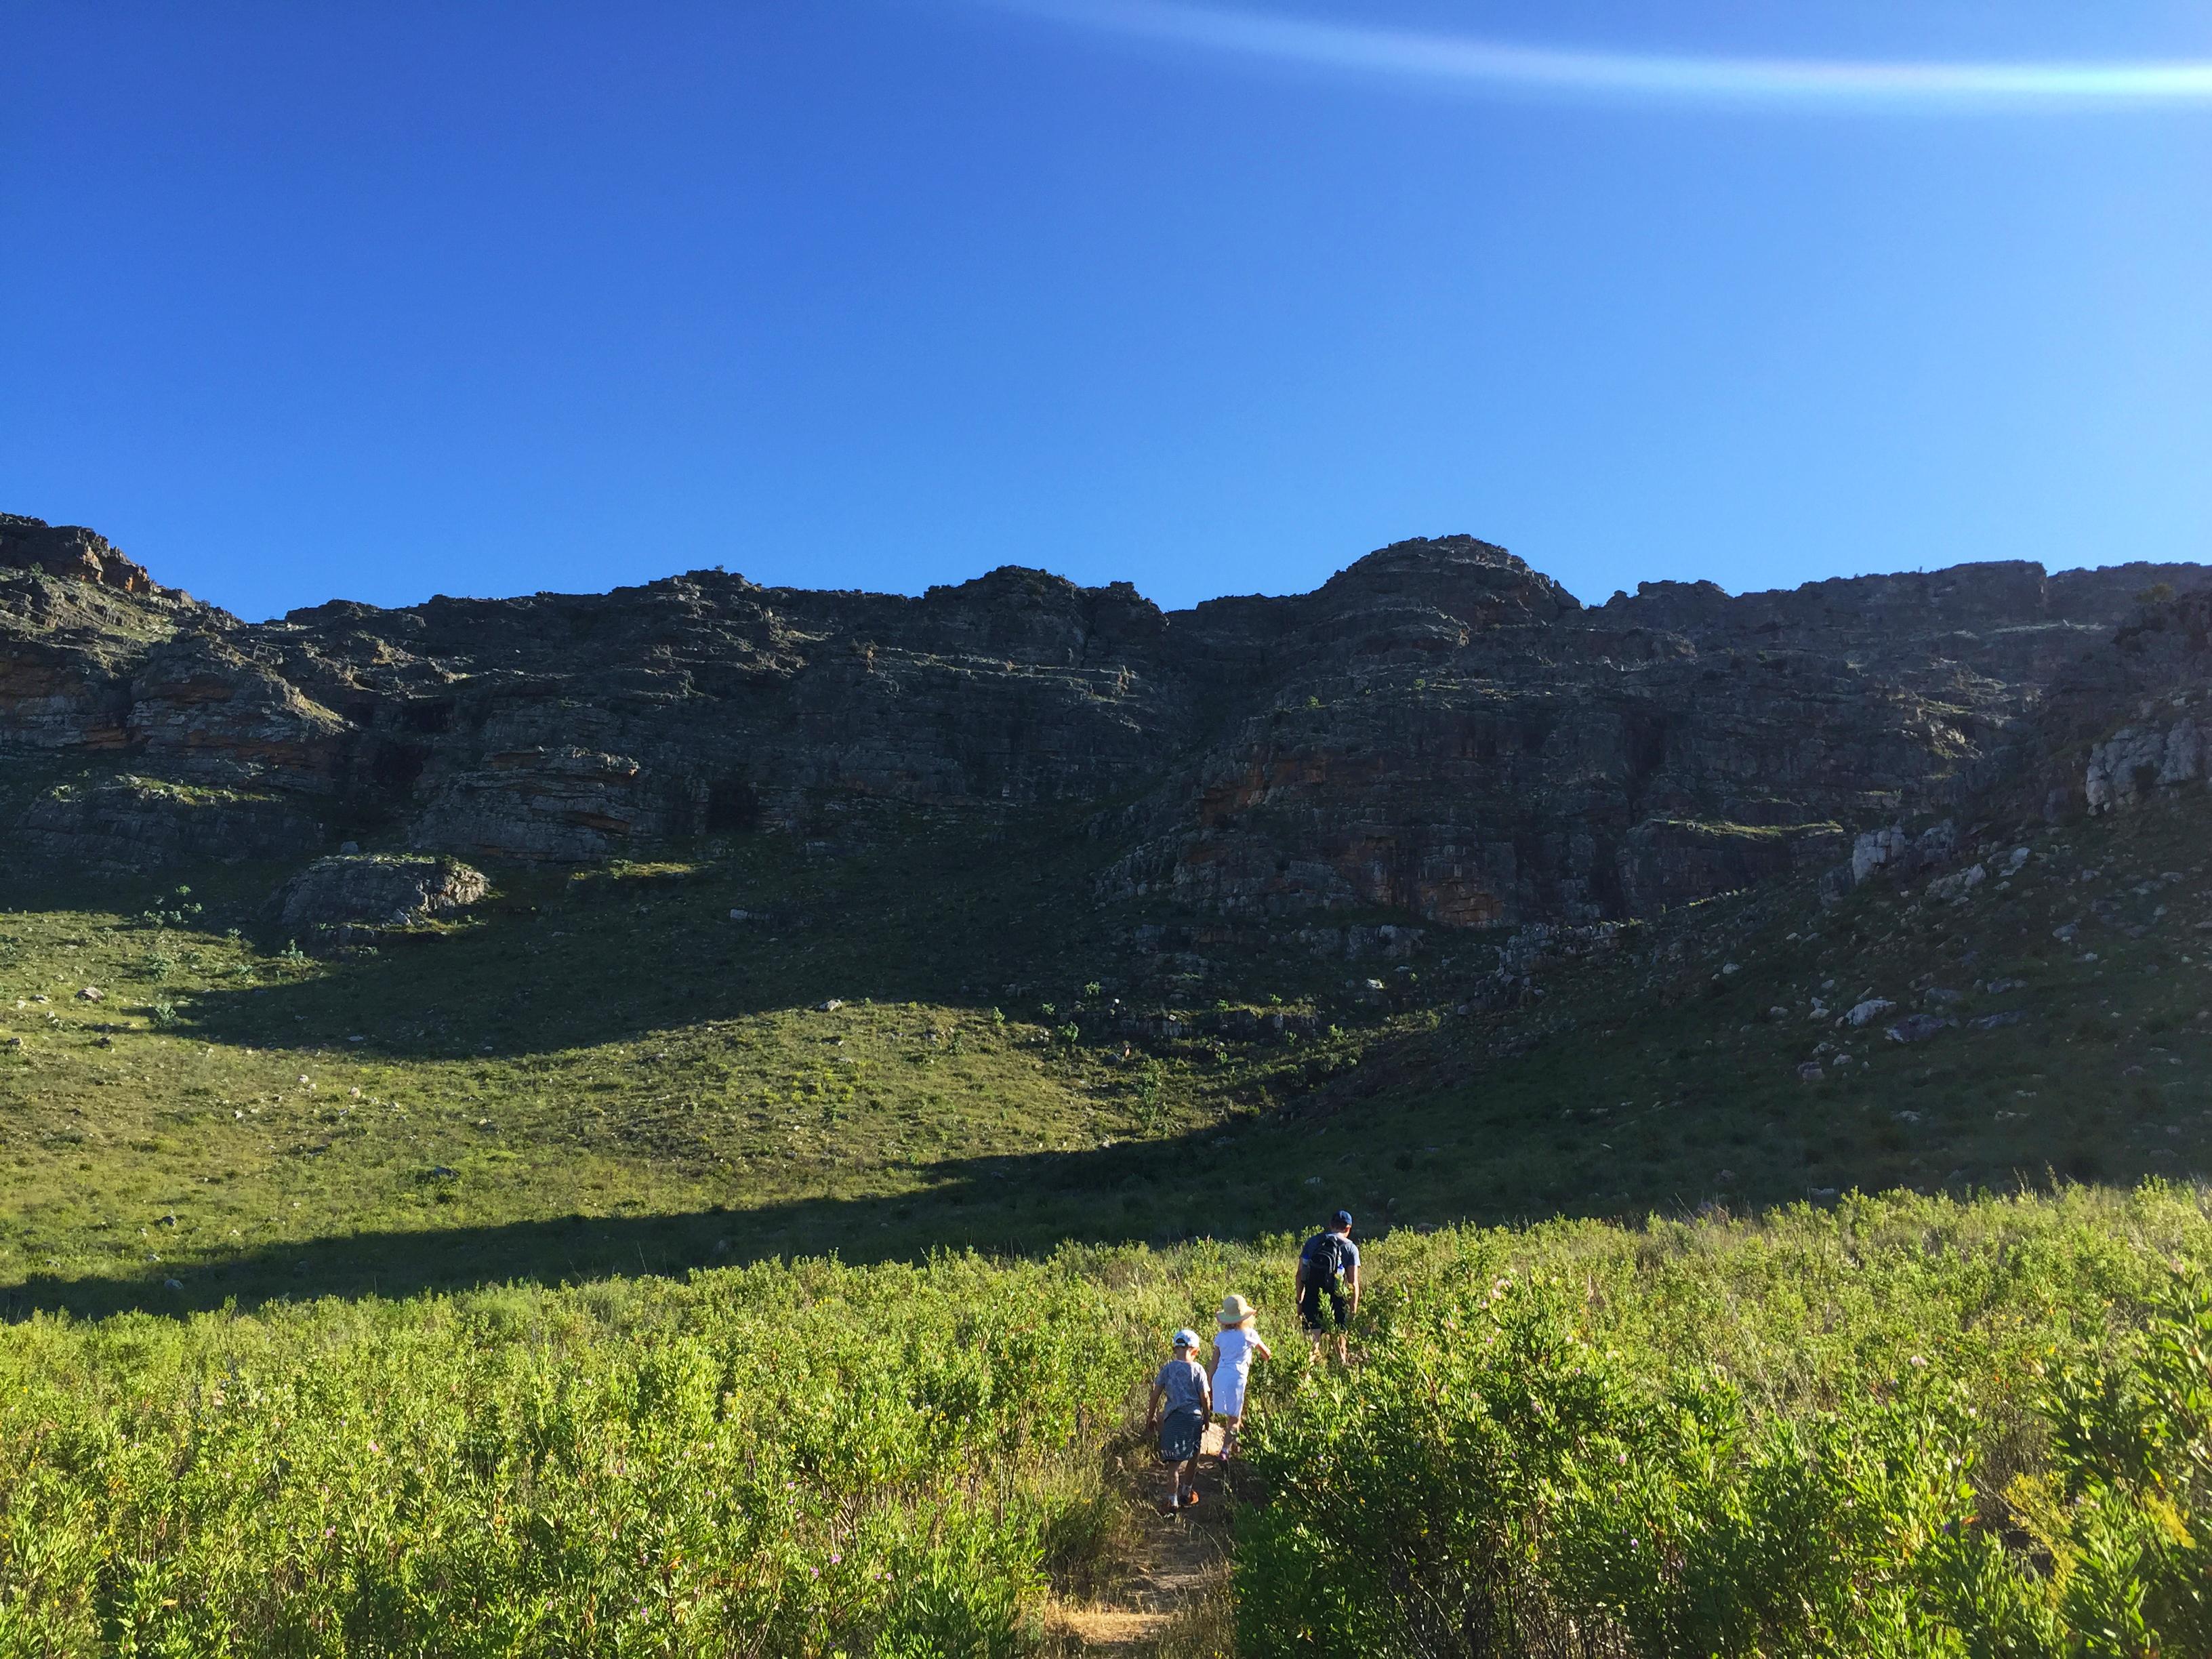 Our 5 peak climb